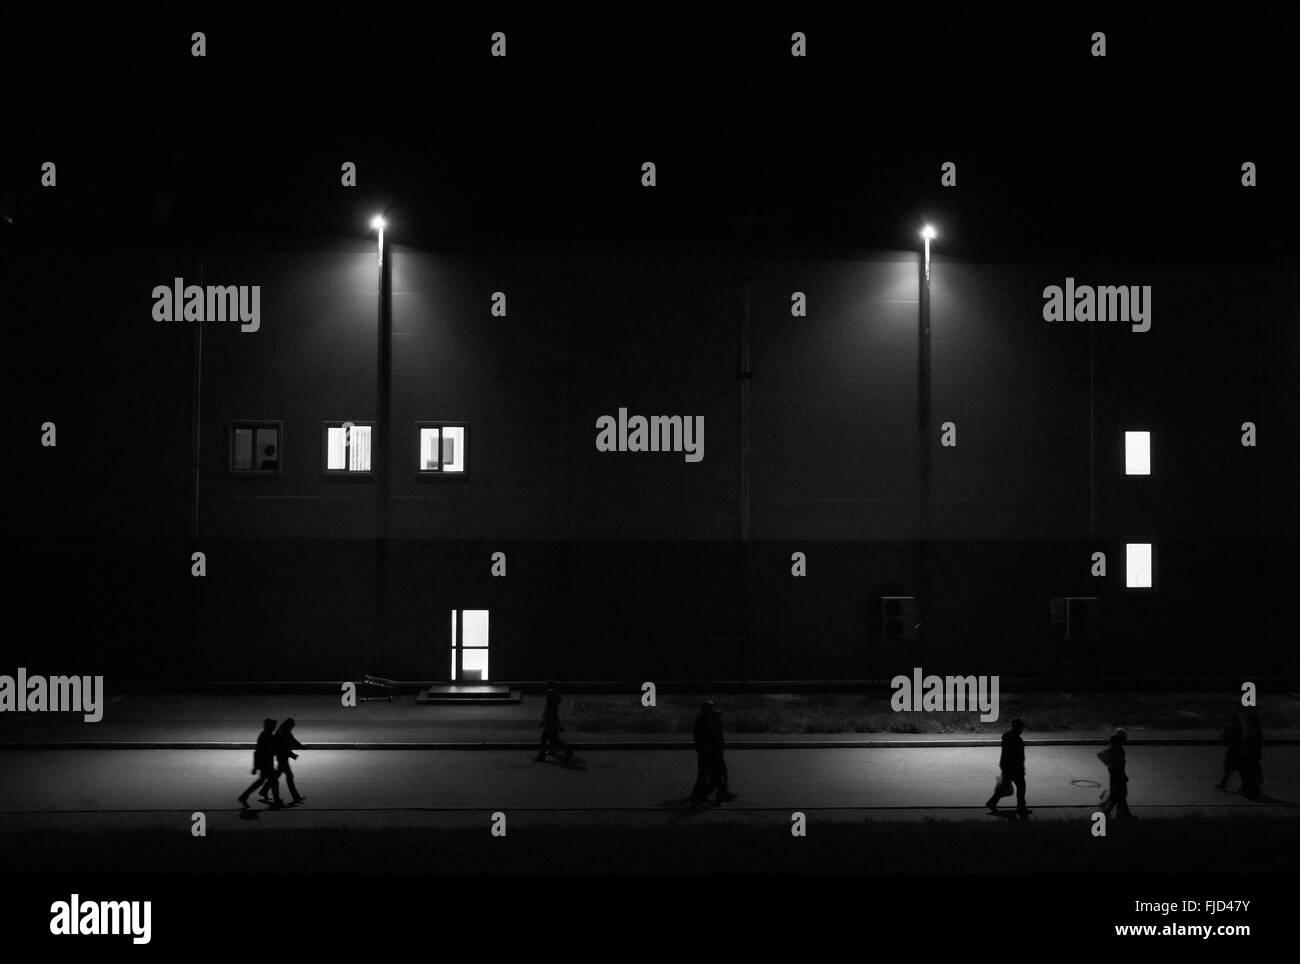 La gente caminando en la calle la noche con faroles contra el edificio con ventanas luminosas Imagen De Stock